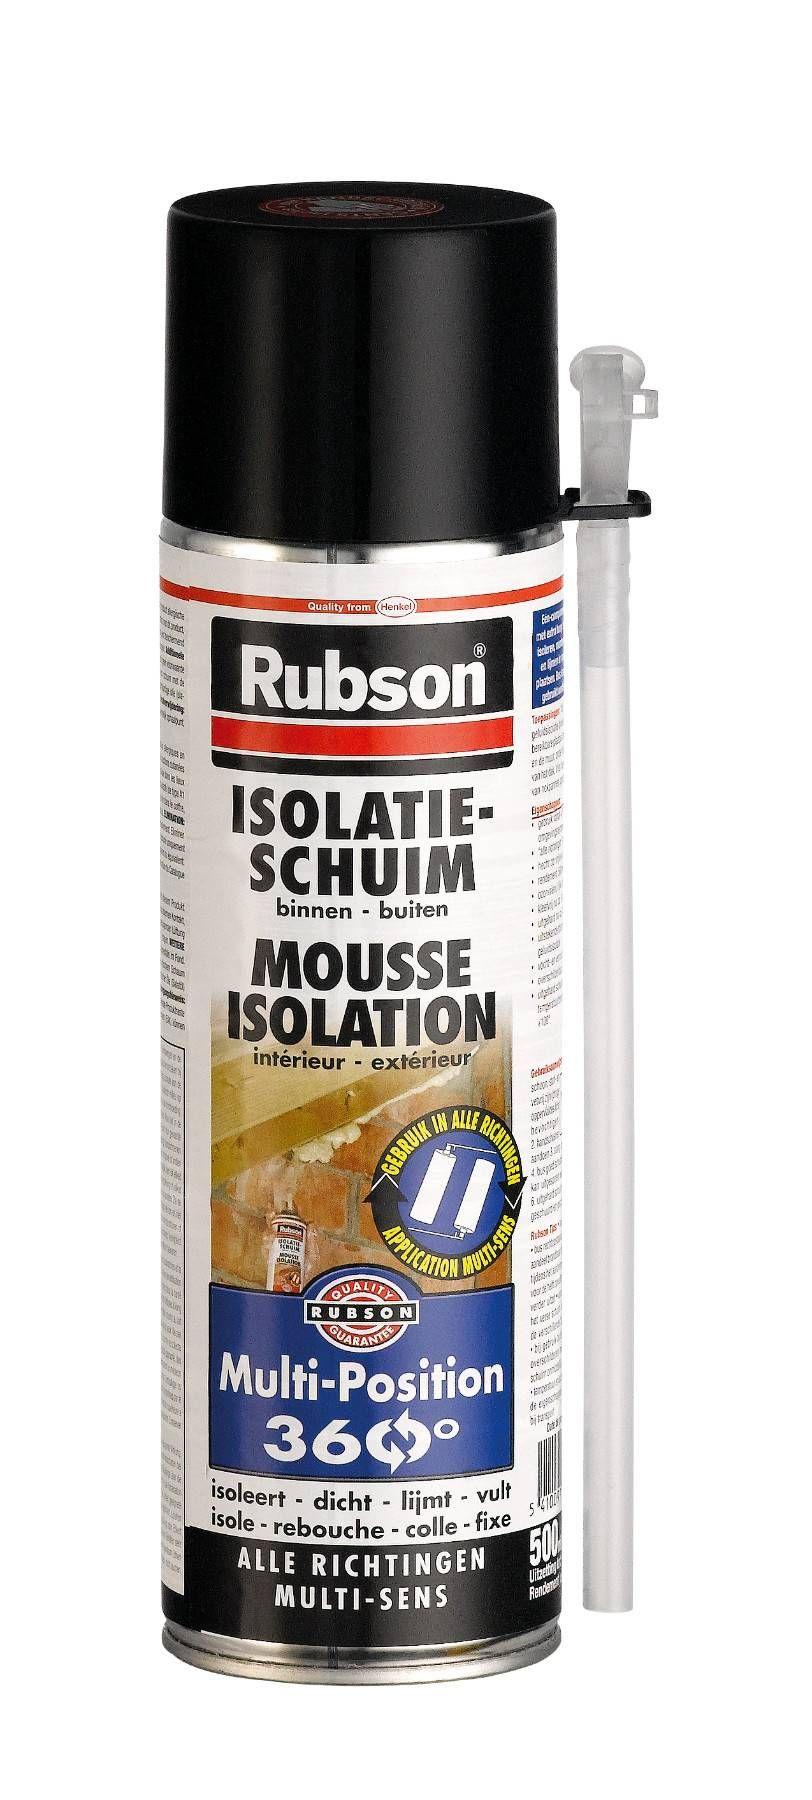 Mousse Isolation Multi Rotation 360 Rubson Aerosol Mousse Isolation